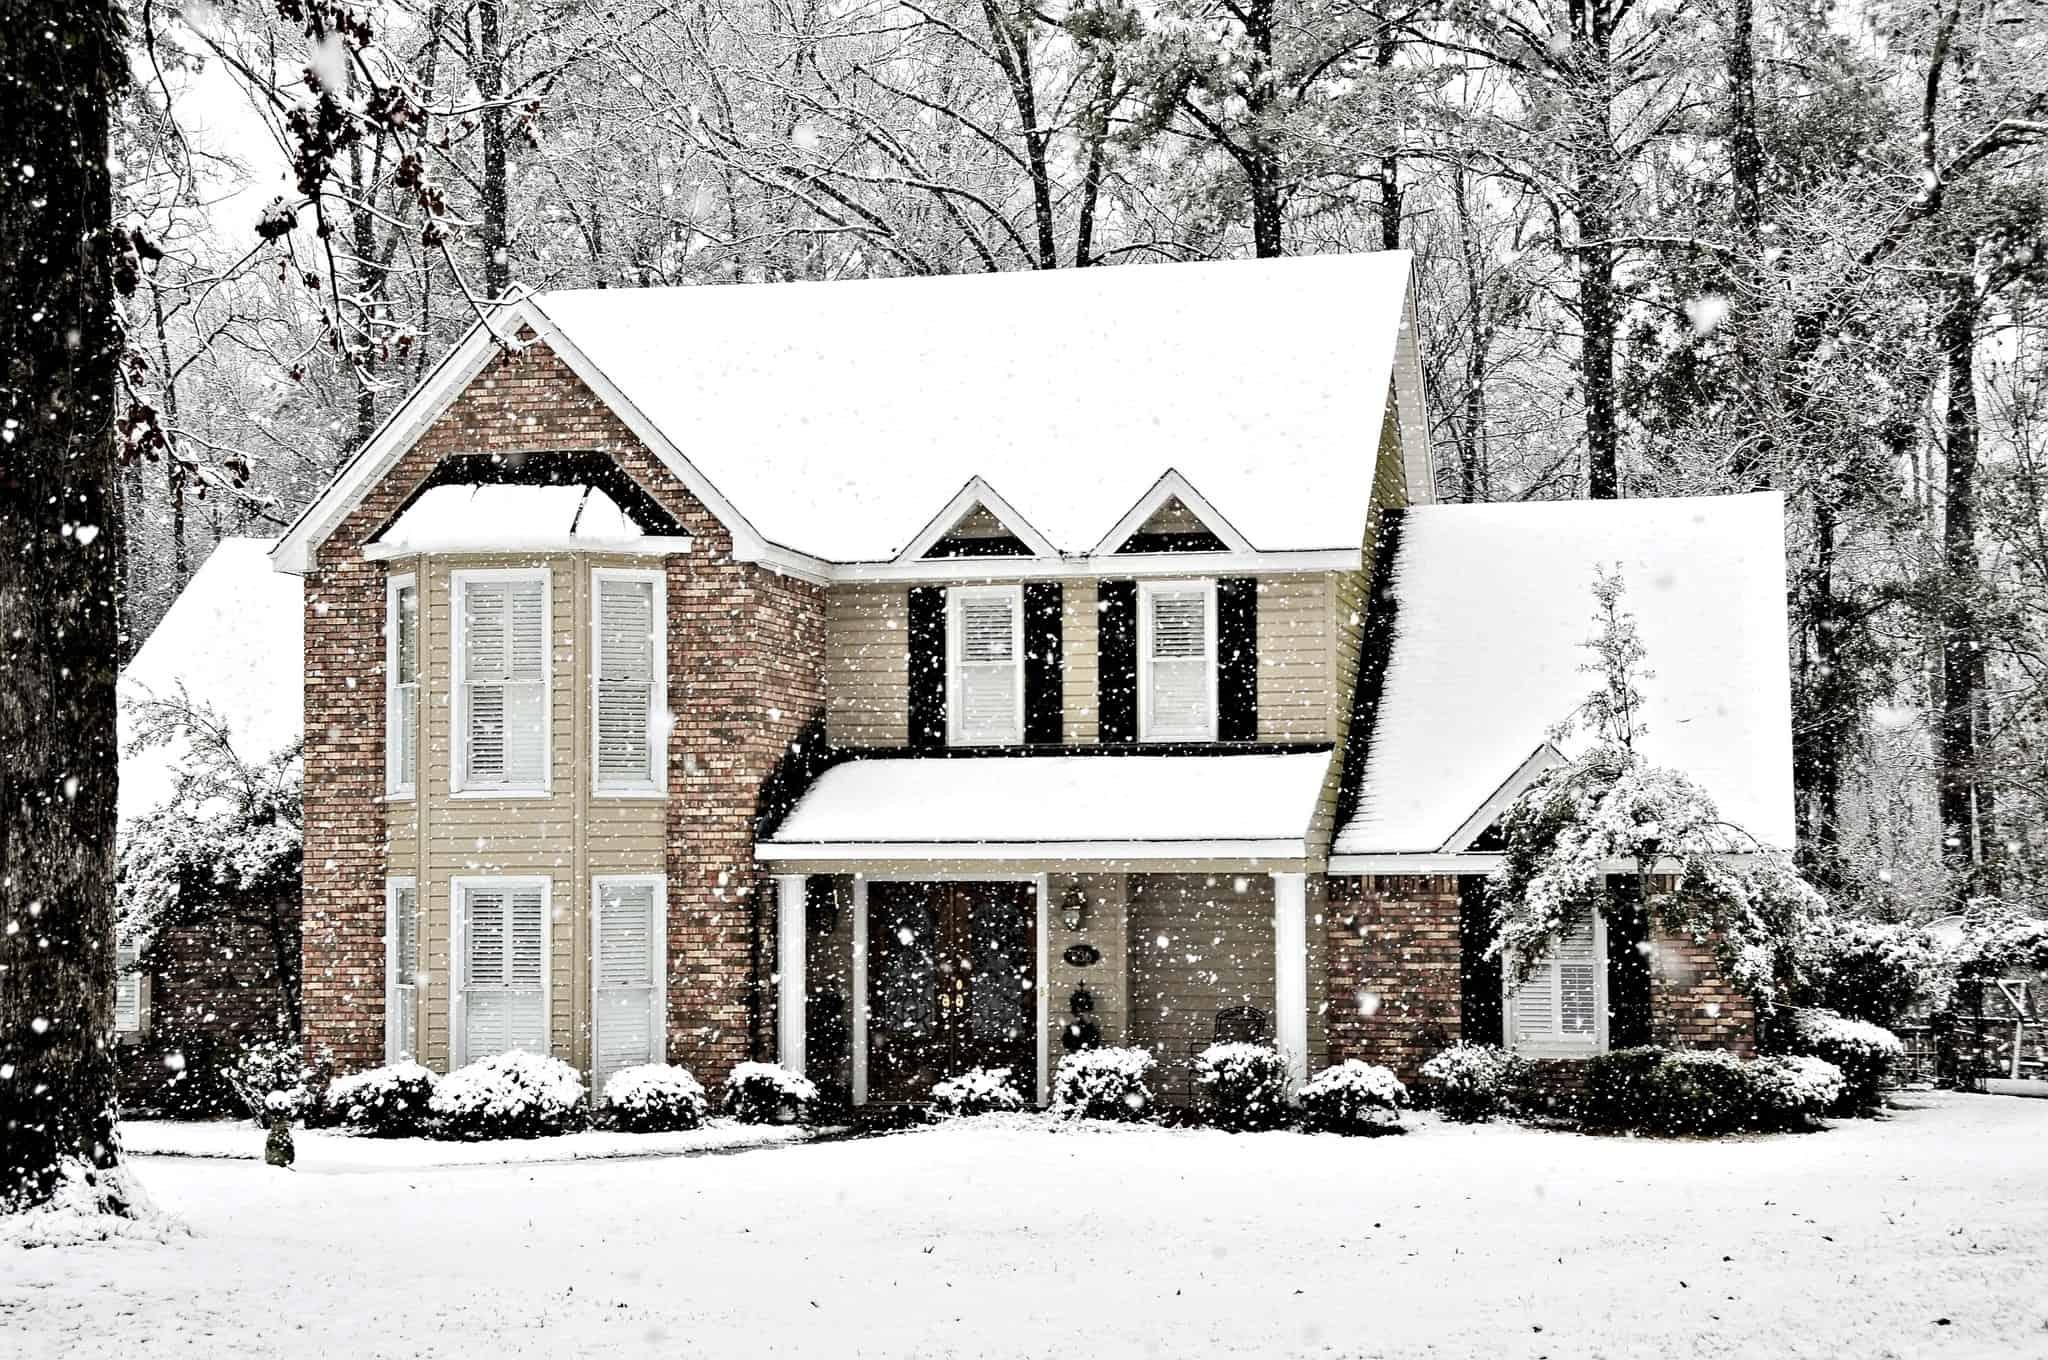 întreținerea locuinței pe timp de iarnă